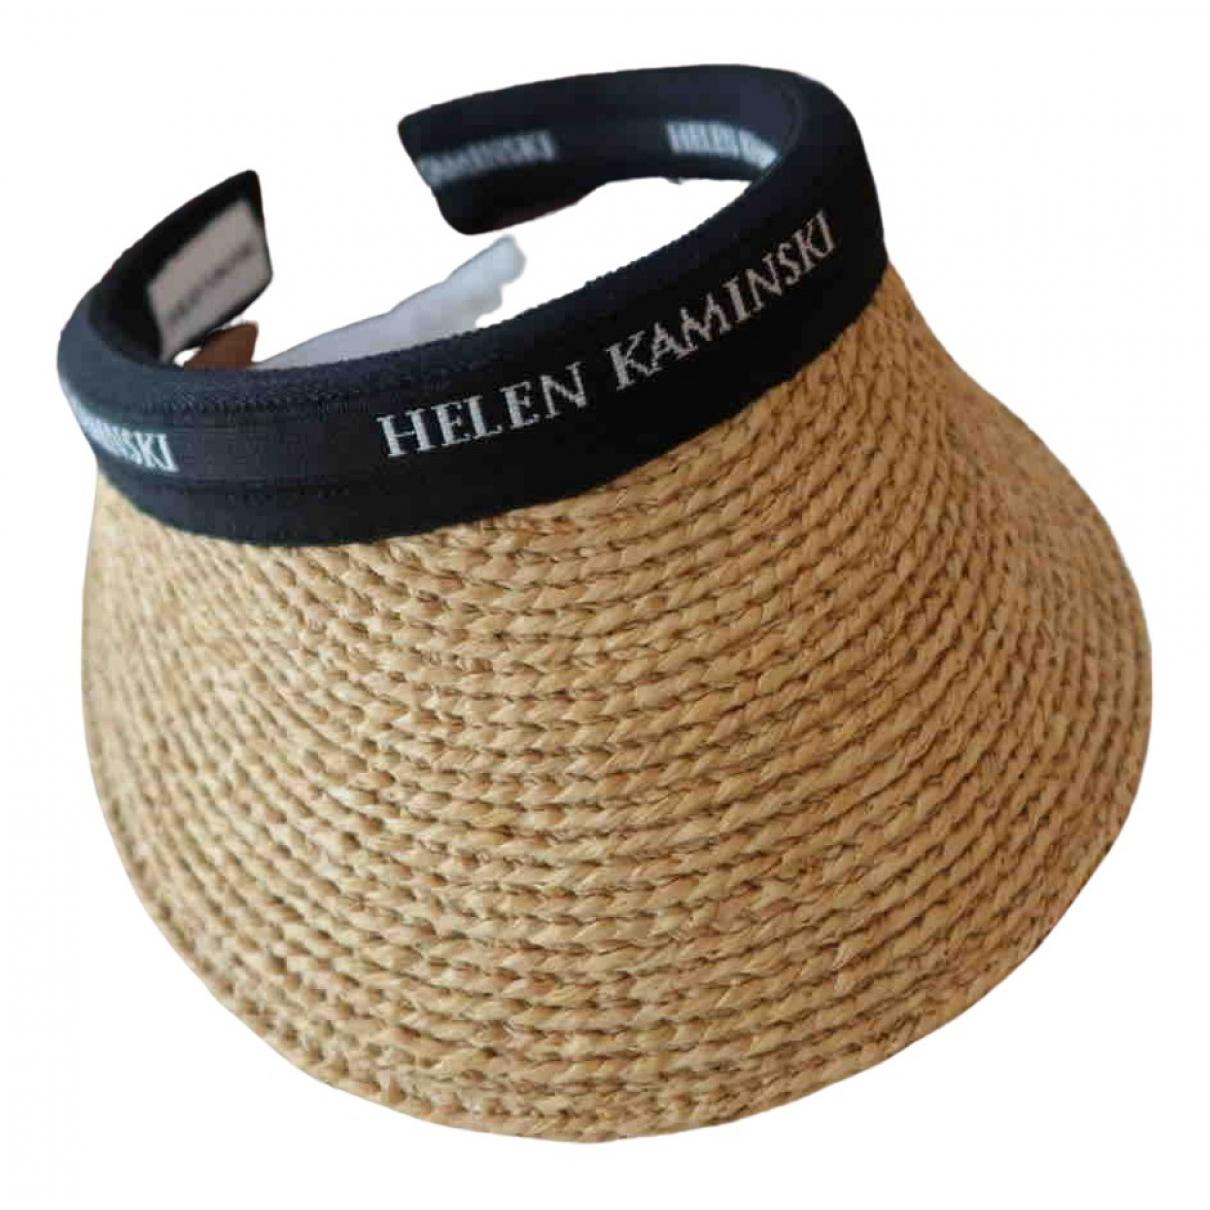 Helen Kaminski - Chapeau   pour femme en autre